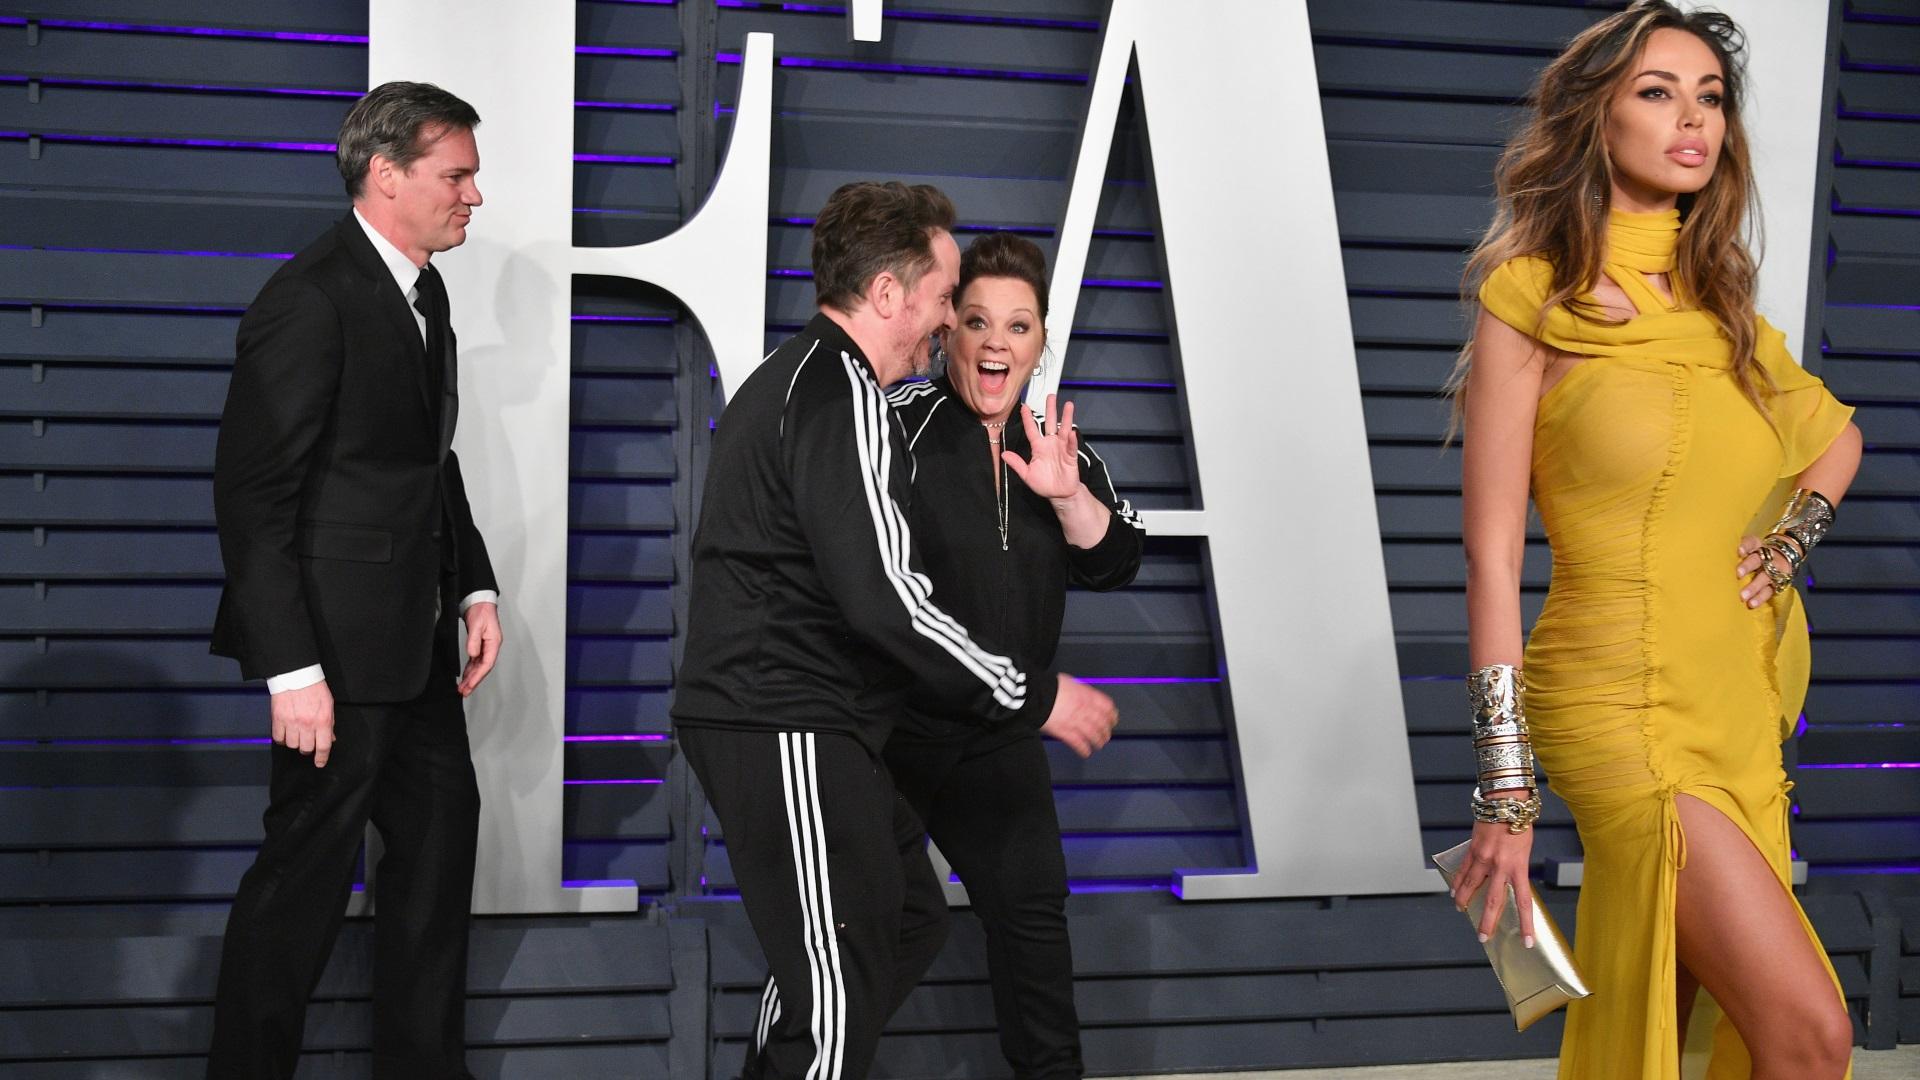 """Освен по червения килим за наградите """"Оскар"""", знаменитостите имаха възможност да разходят тоалети и на партитата след церемонията за престижните киноотличия. И както на самото наградно шоу, така и на последвалите го празненства, звездите демонстрираха както изисканост и стил, така и очебийна липса на вкус. Вижте снимки от партито на сп. """"Венити феър""""."""